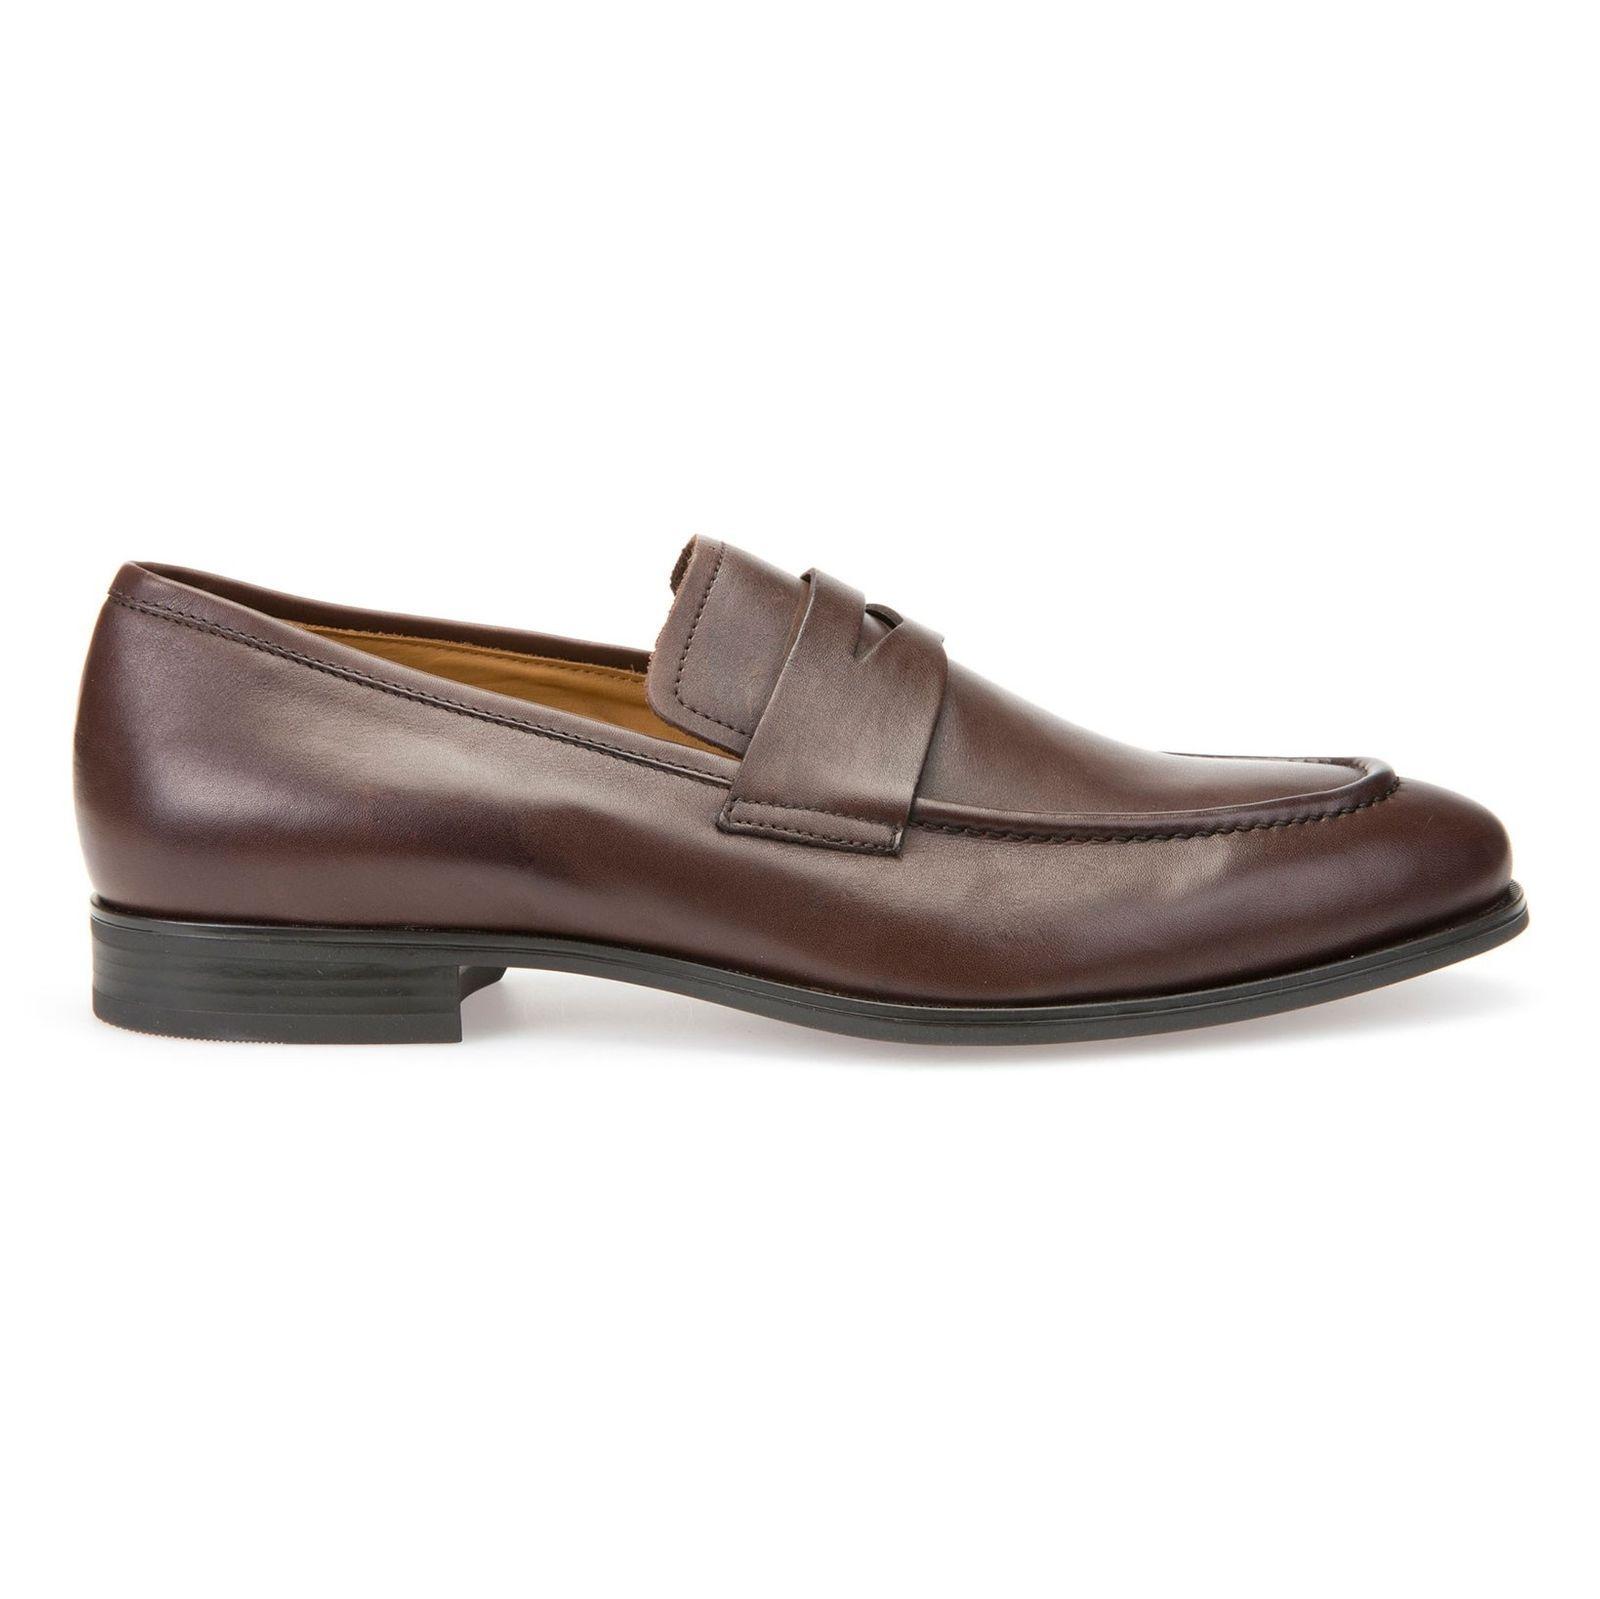 کفش رسمی چرم مردانه - جی اوکس - قهوه اي - 1